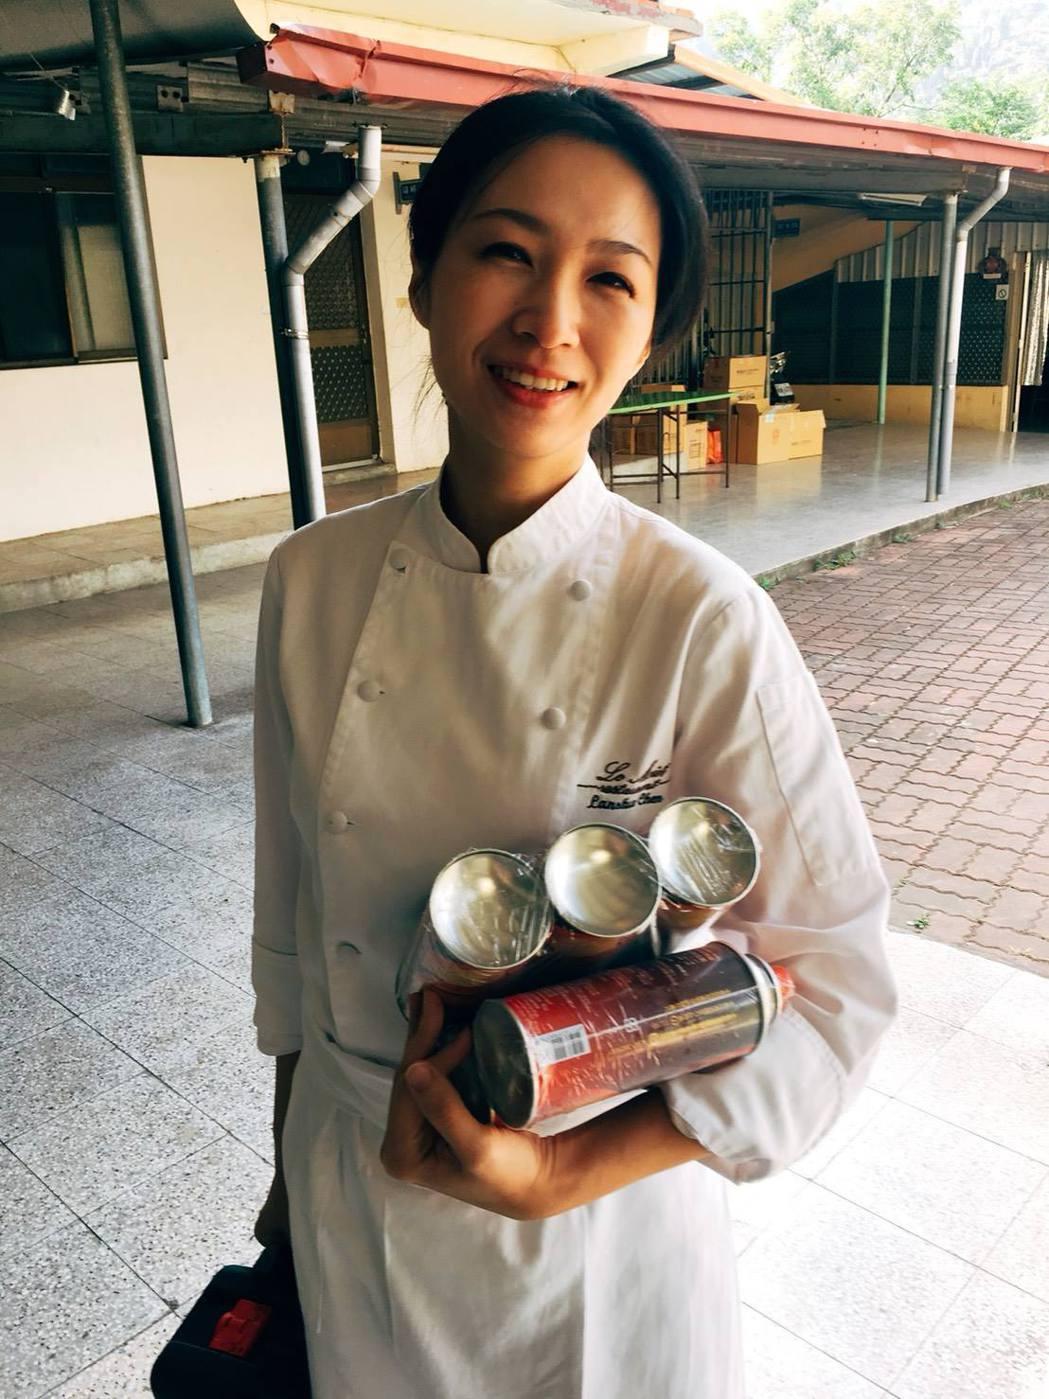 台中樂沐主廚陳嵐舒今年初宣布僅營業到12月底。圖/翻攝自台中樂沐粉絲團